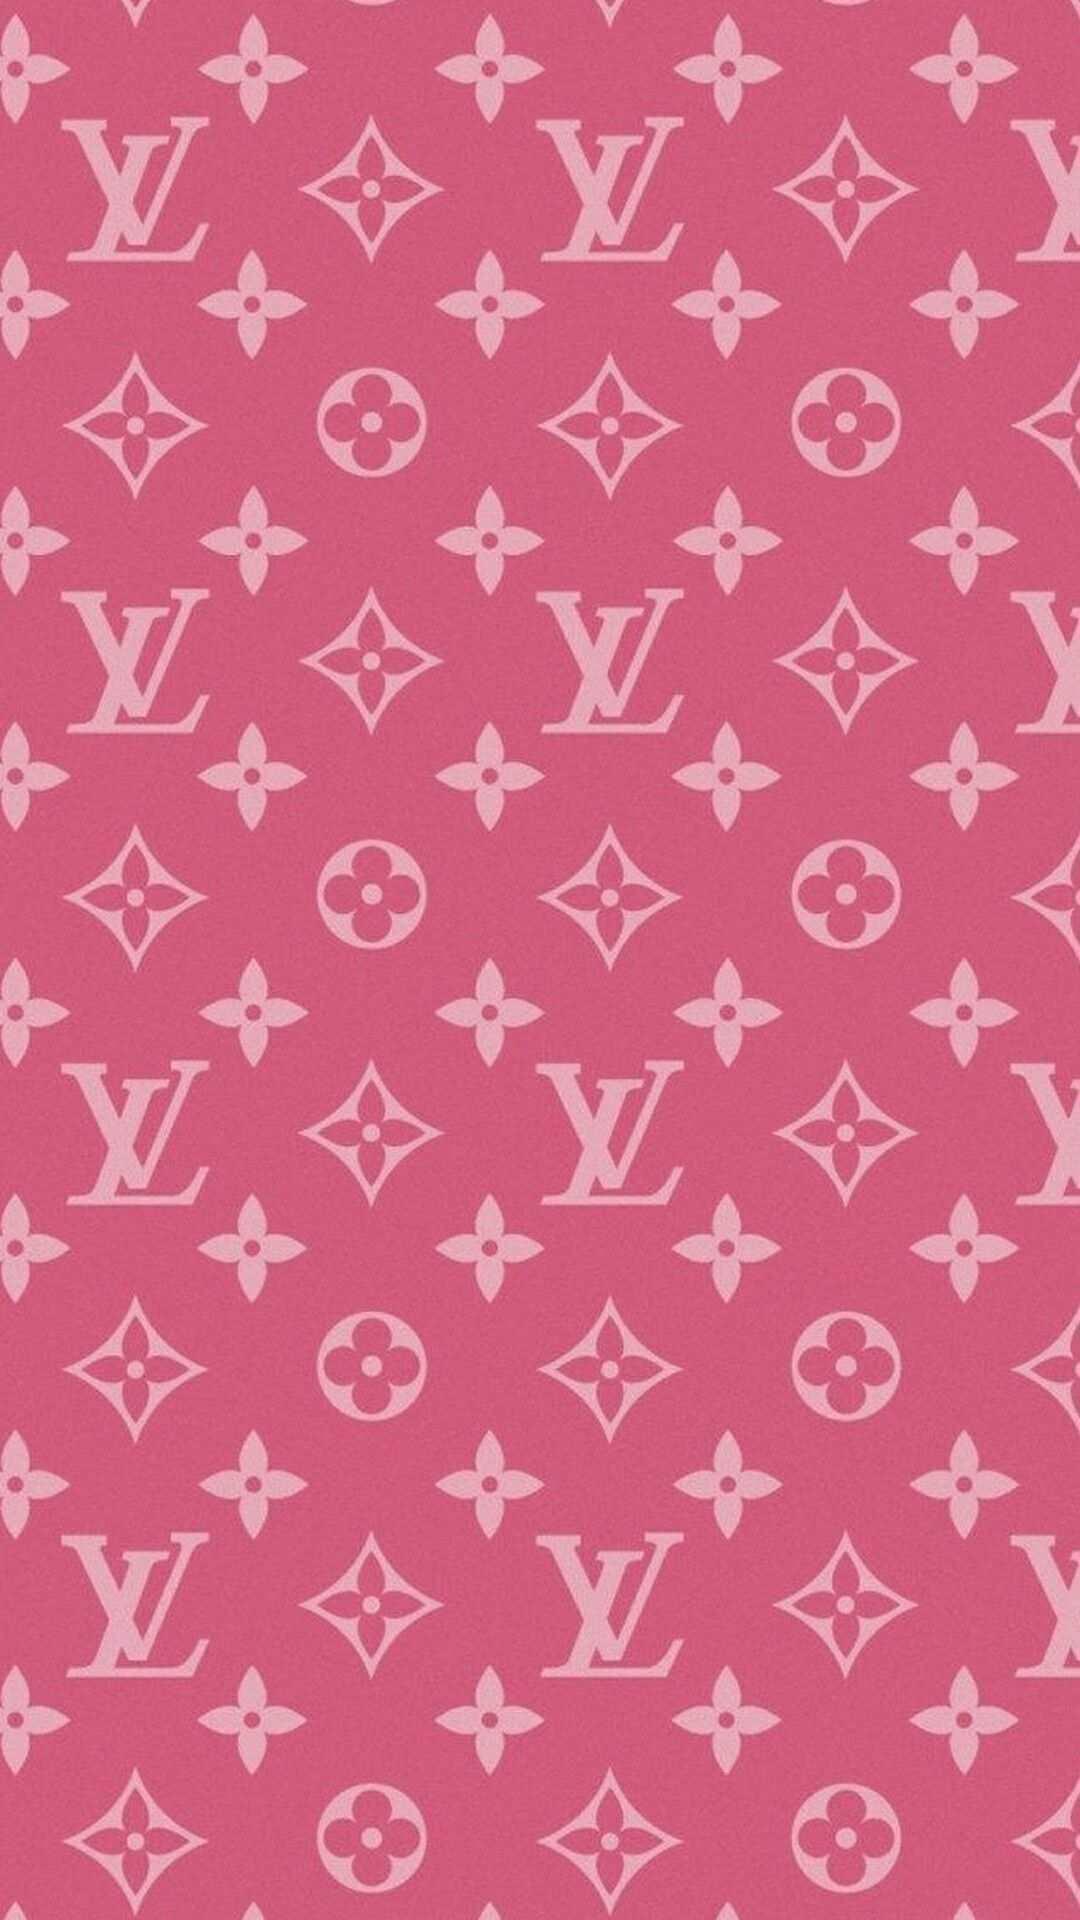 Louis Vuitton Iphone Hintergrundbilder 98 Hintergrundbilder Hd Wallpaper Iphone Tapete P In 2020 Pink Wallpaper Iphone Wallpaper Iphone Cute Iphone Wallpaper Vsco